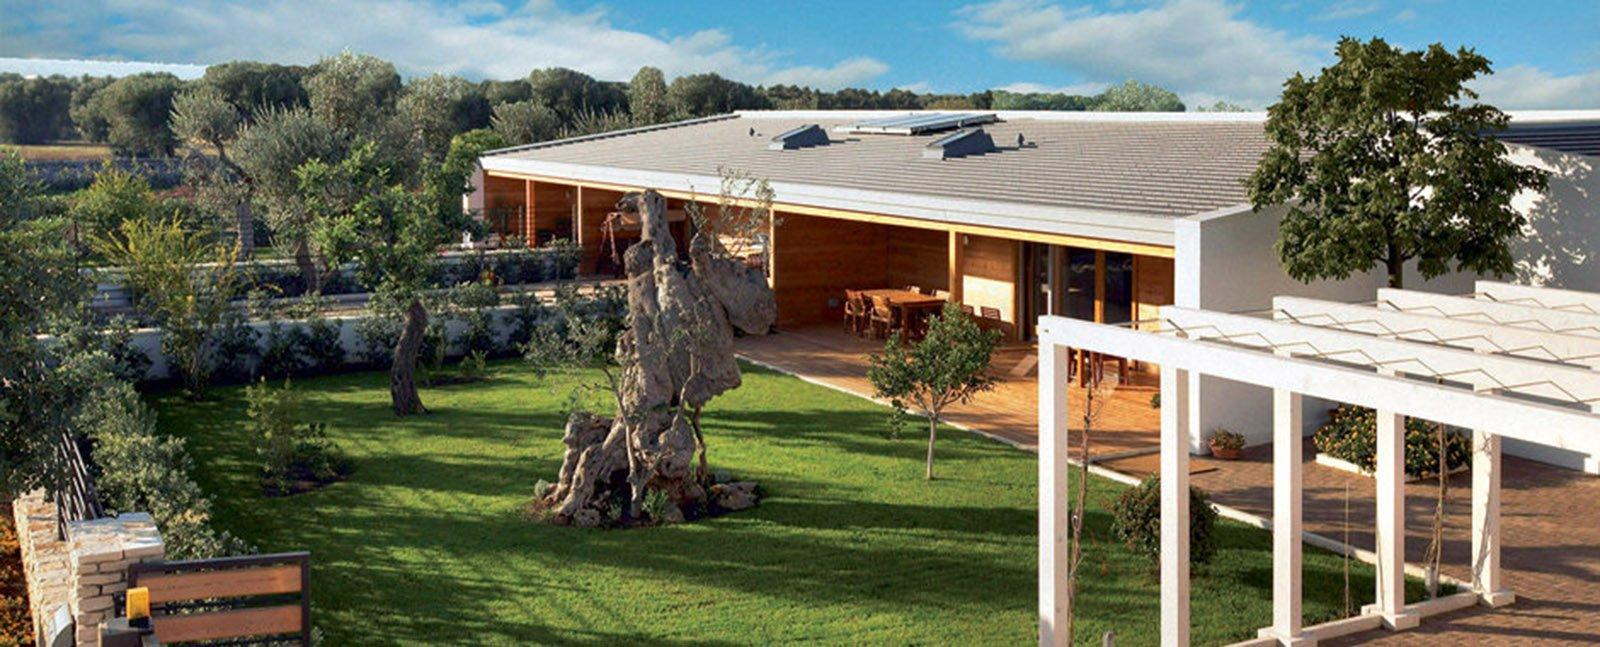 Case Prefabbricate In Legno Opinioni bioarchitettura e case ecologiche, prefabbricate in legno